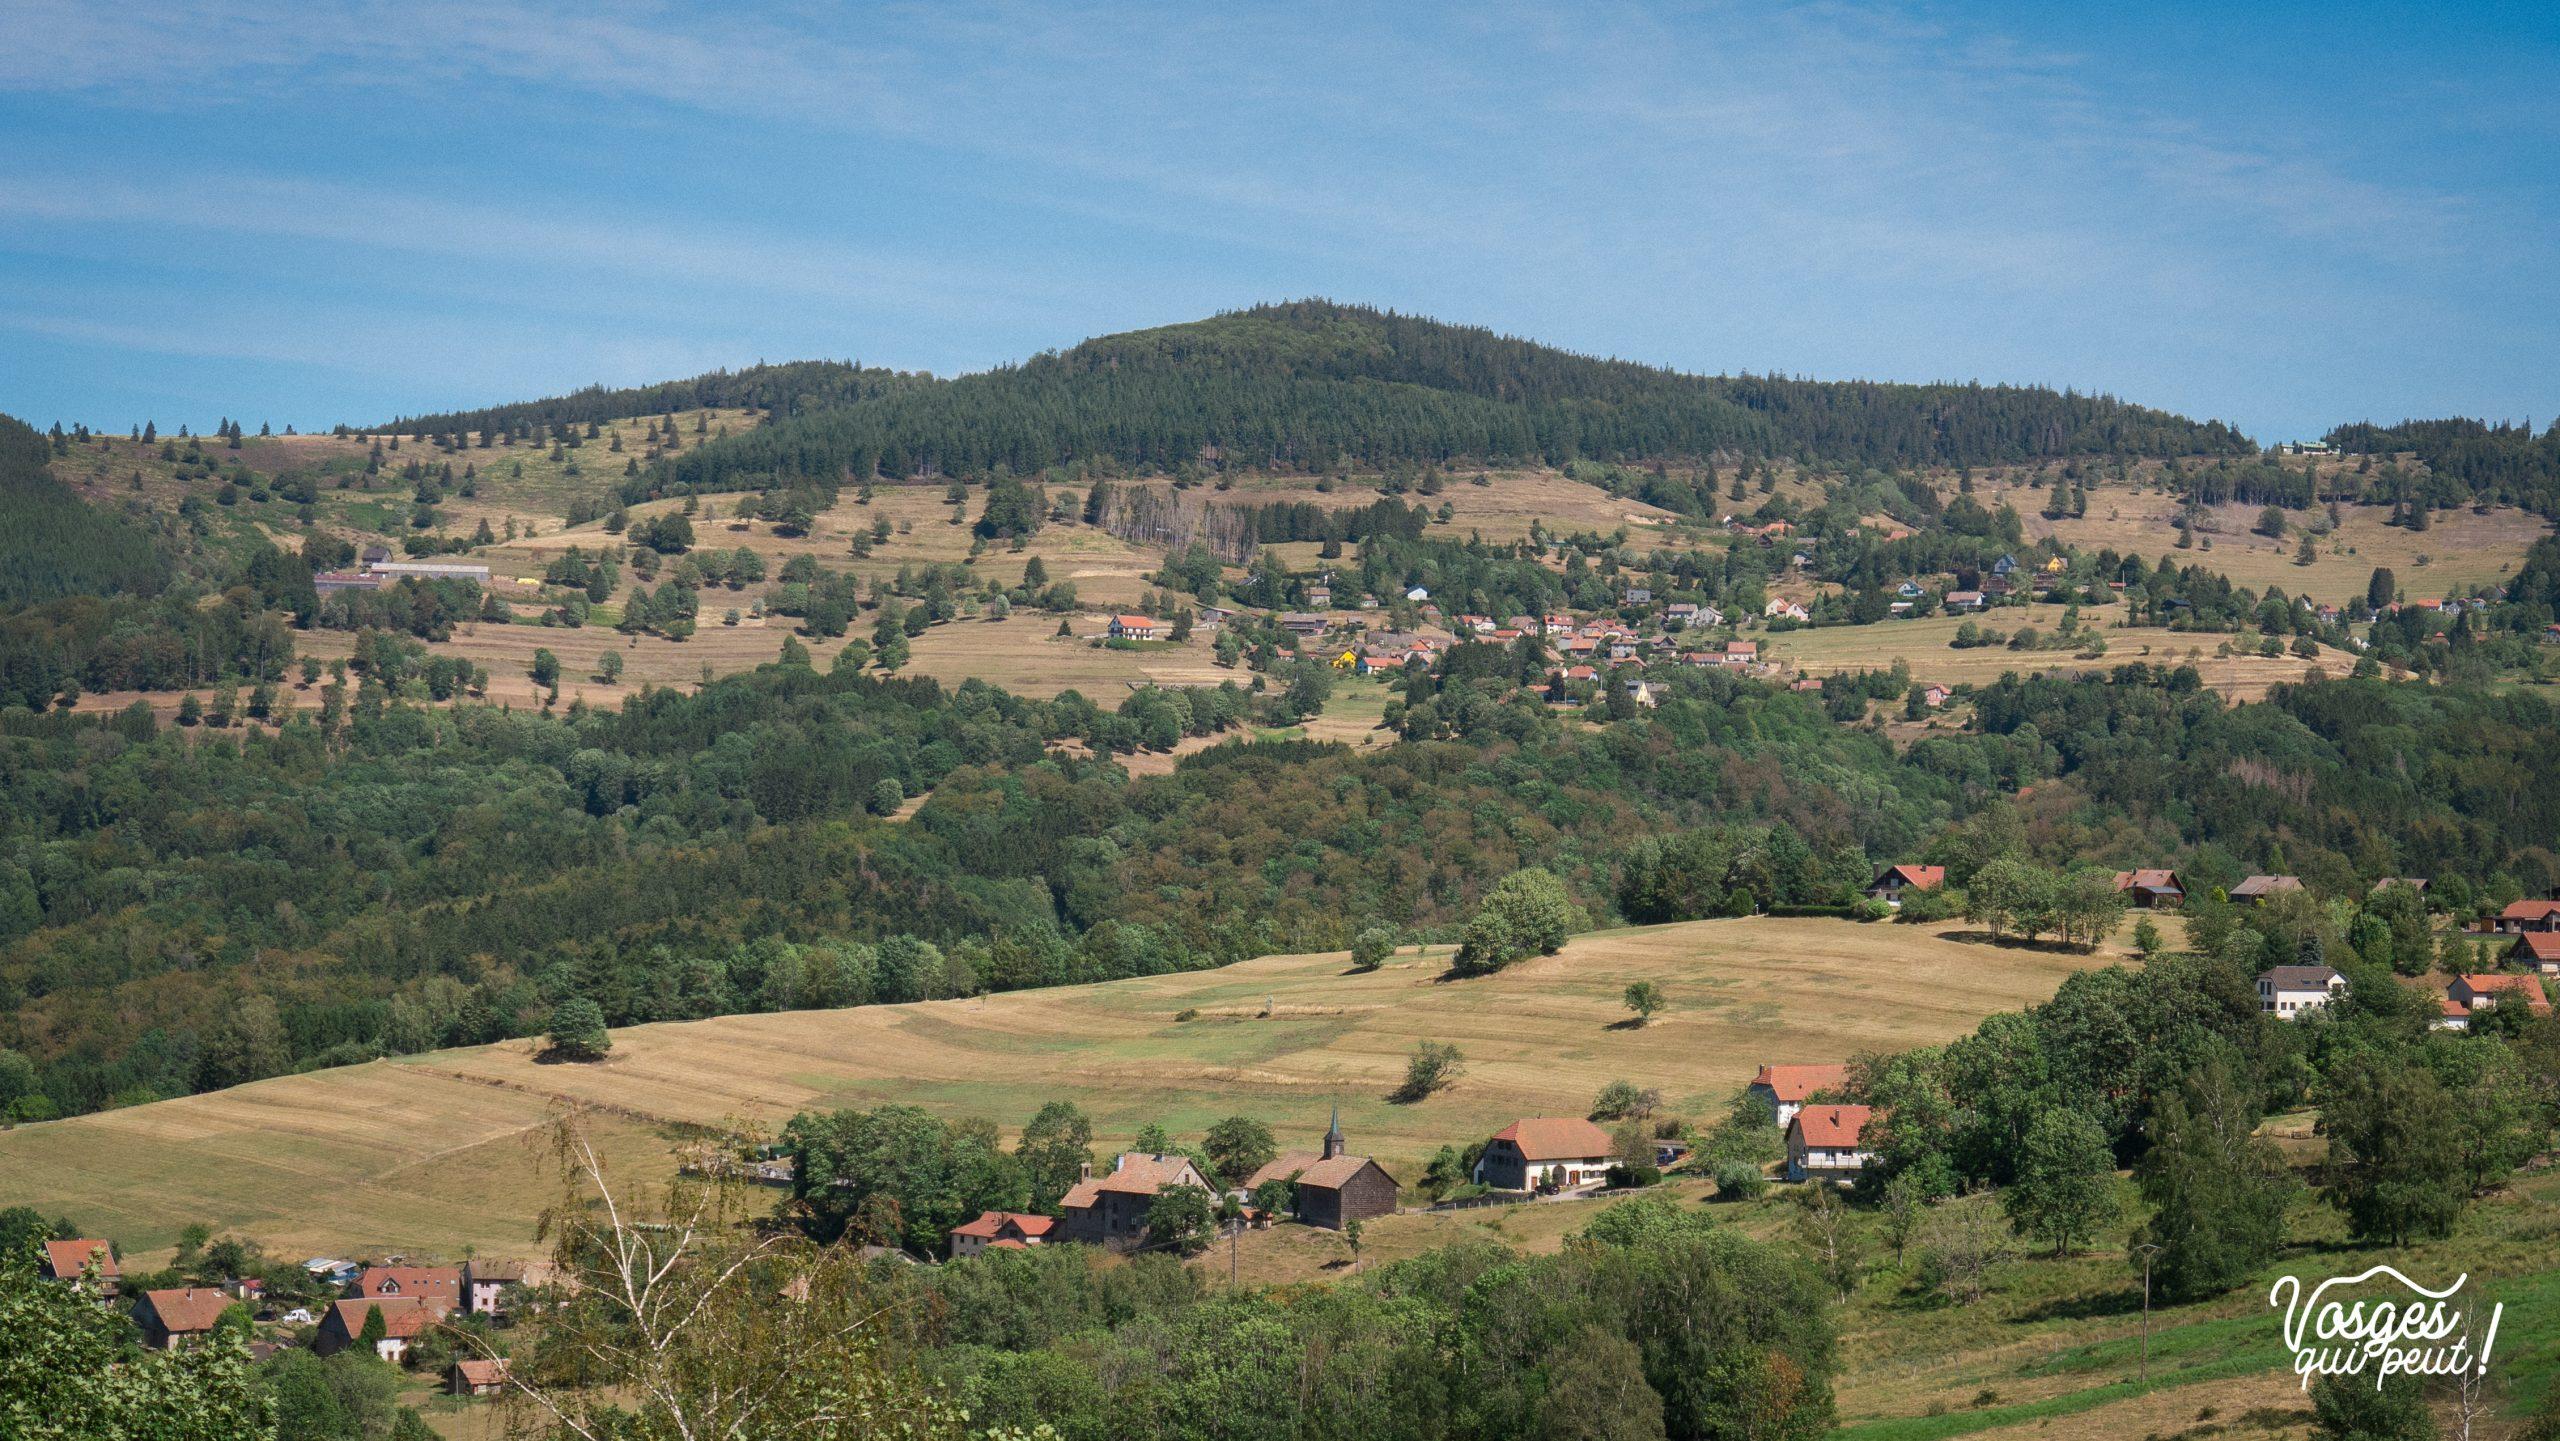 Vue sur les villages de Belmont et Bellefosse dans la vallée de la Bruche